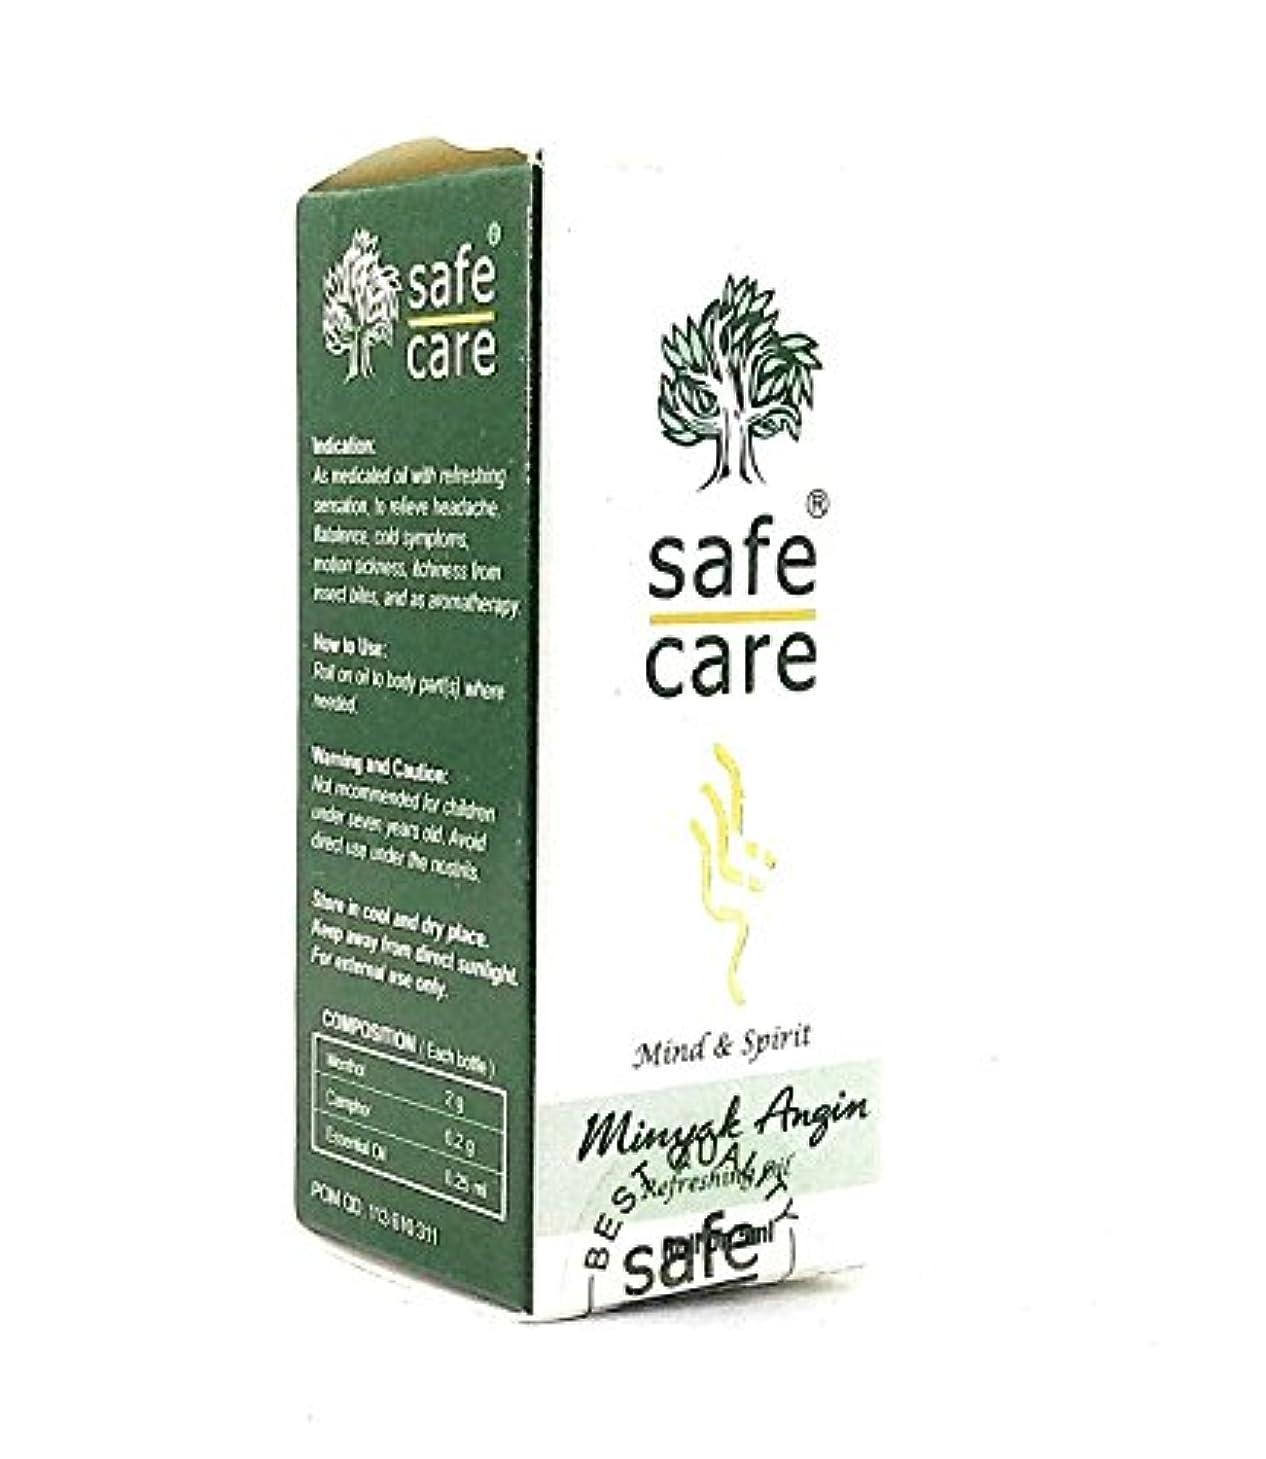 調べる悪夢更新Safe Care 爽やかなオイルアロマセラピーでロール、5 ml(3パック)